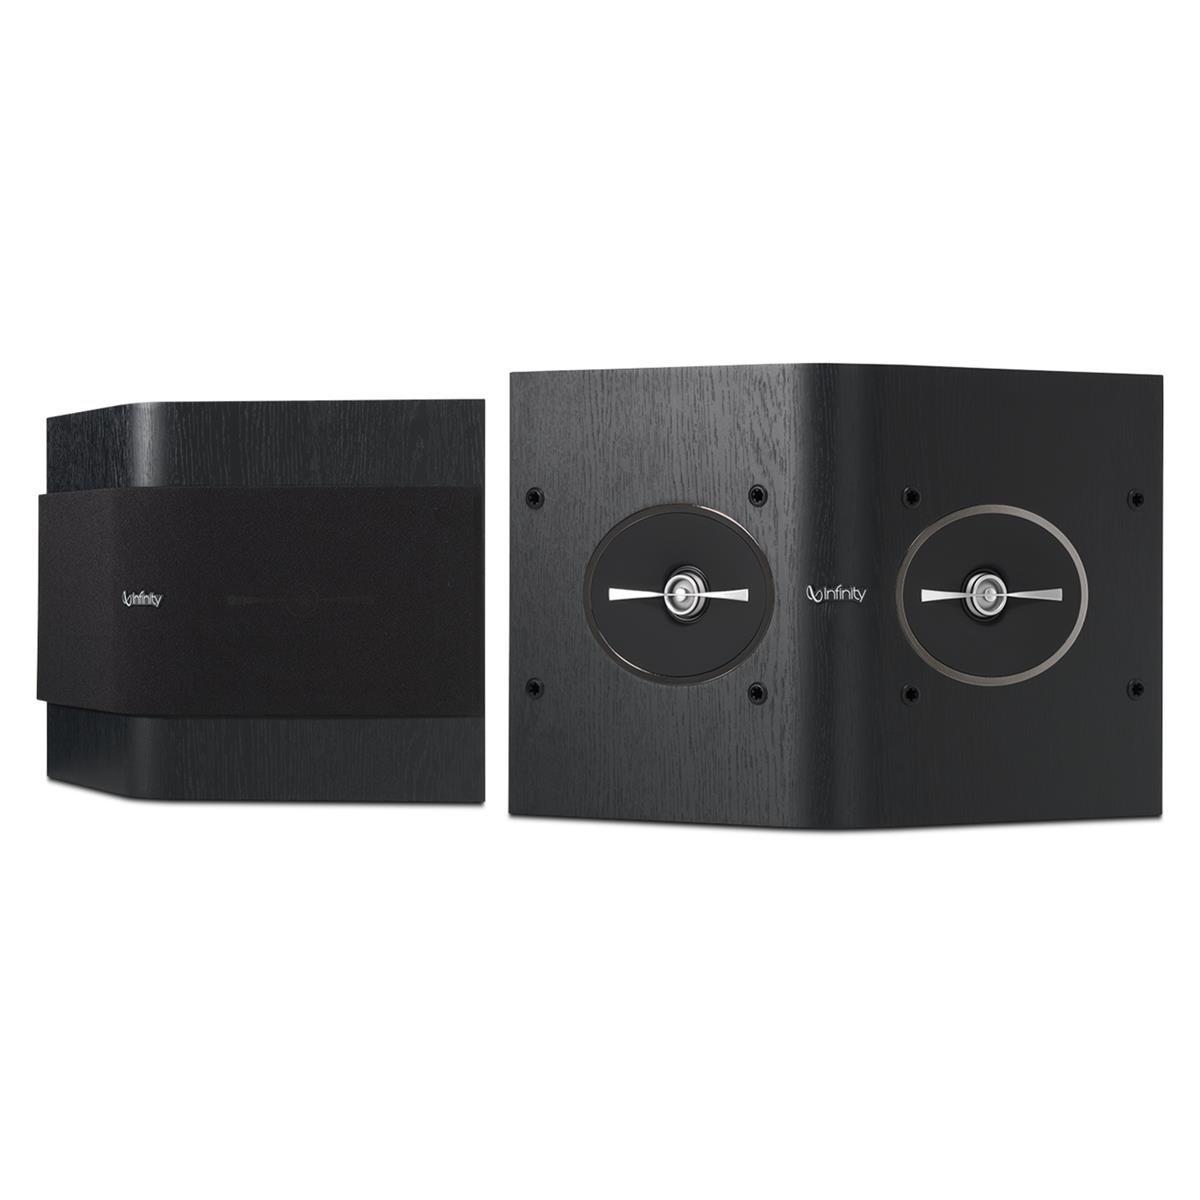 """Infinity RS152 Reference Series 2-Way 5-1/4"""" Dual Tweeter Surround Speakers - Pair (Black)"""